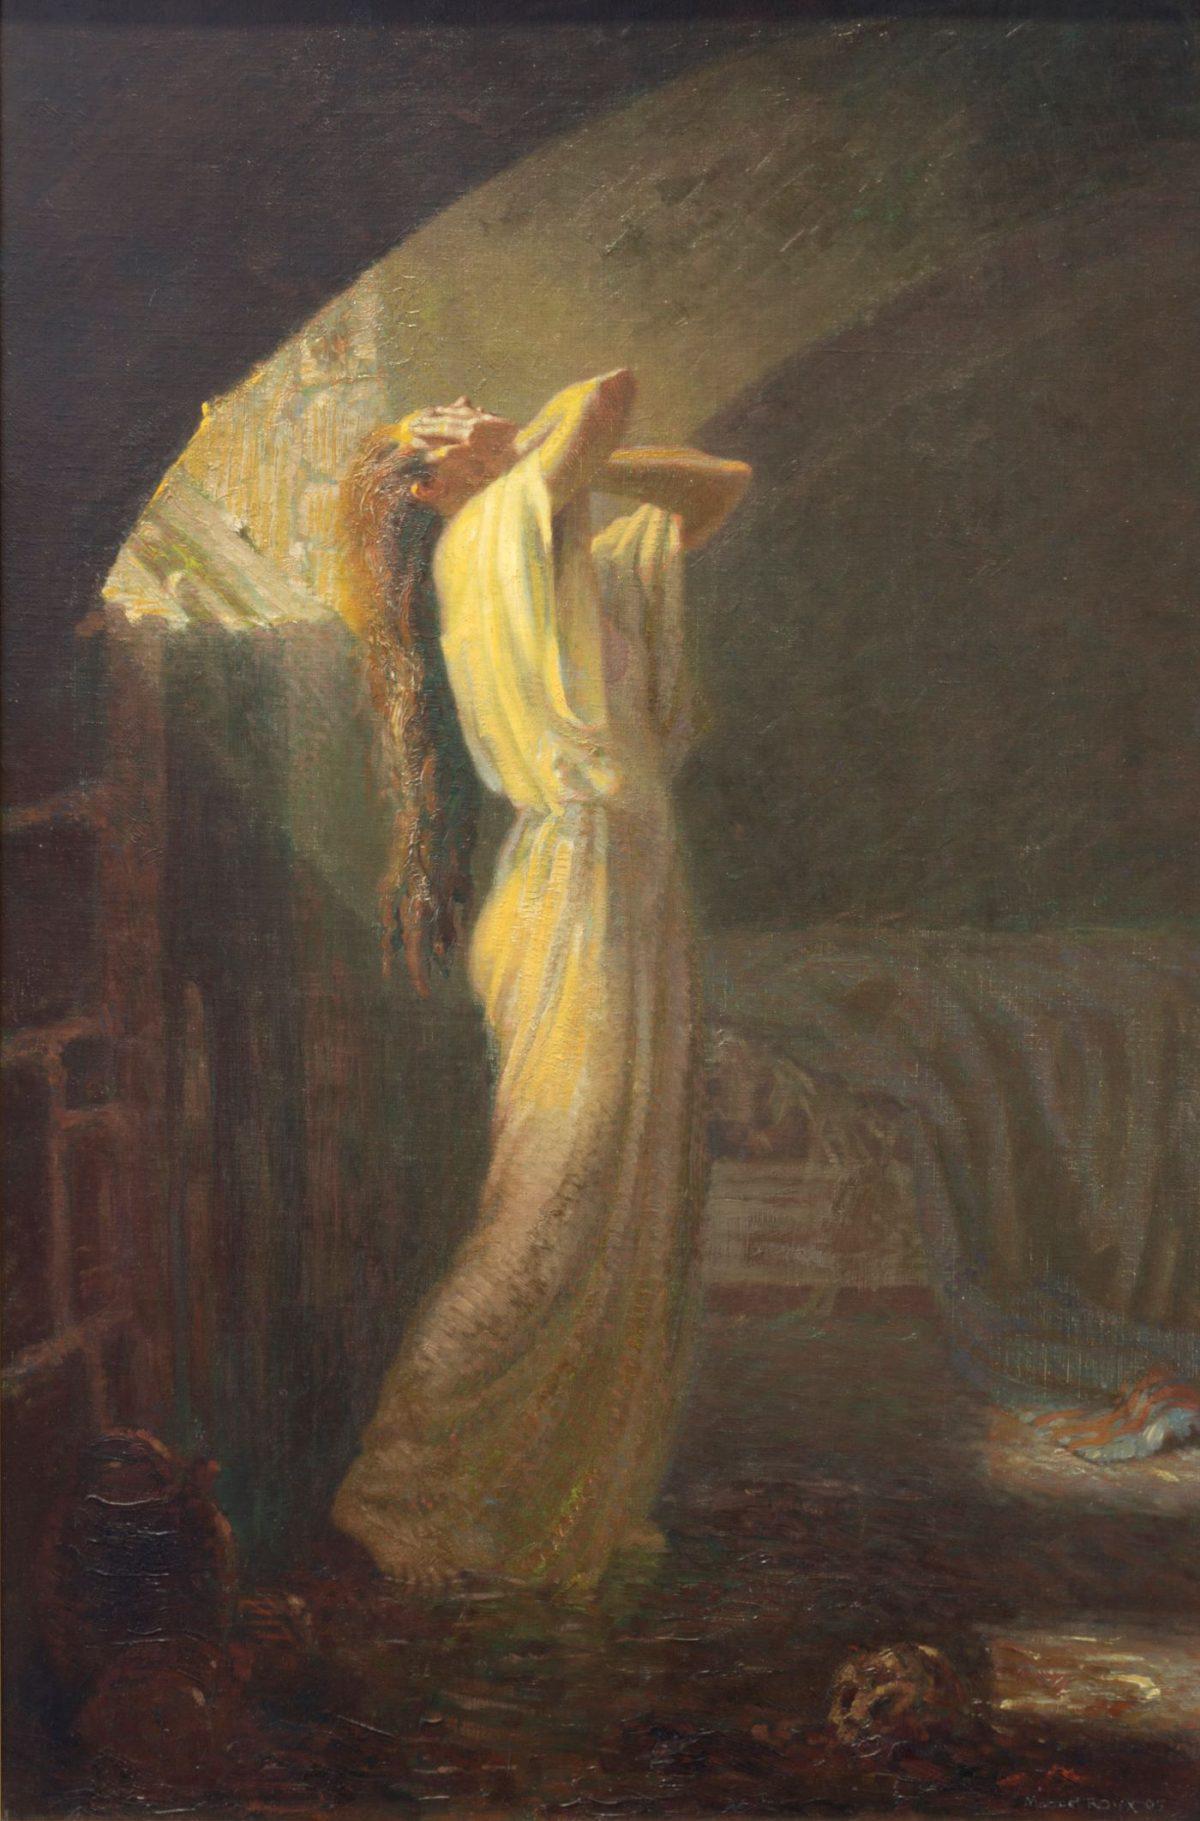 011 MARCEL ROUX 1200x1821 - Дьявольщина, достойная современных хорроров: картины Марселя Ру (1878-1922)